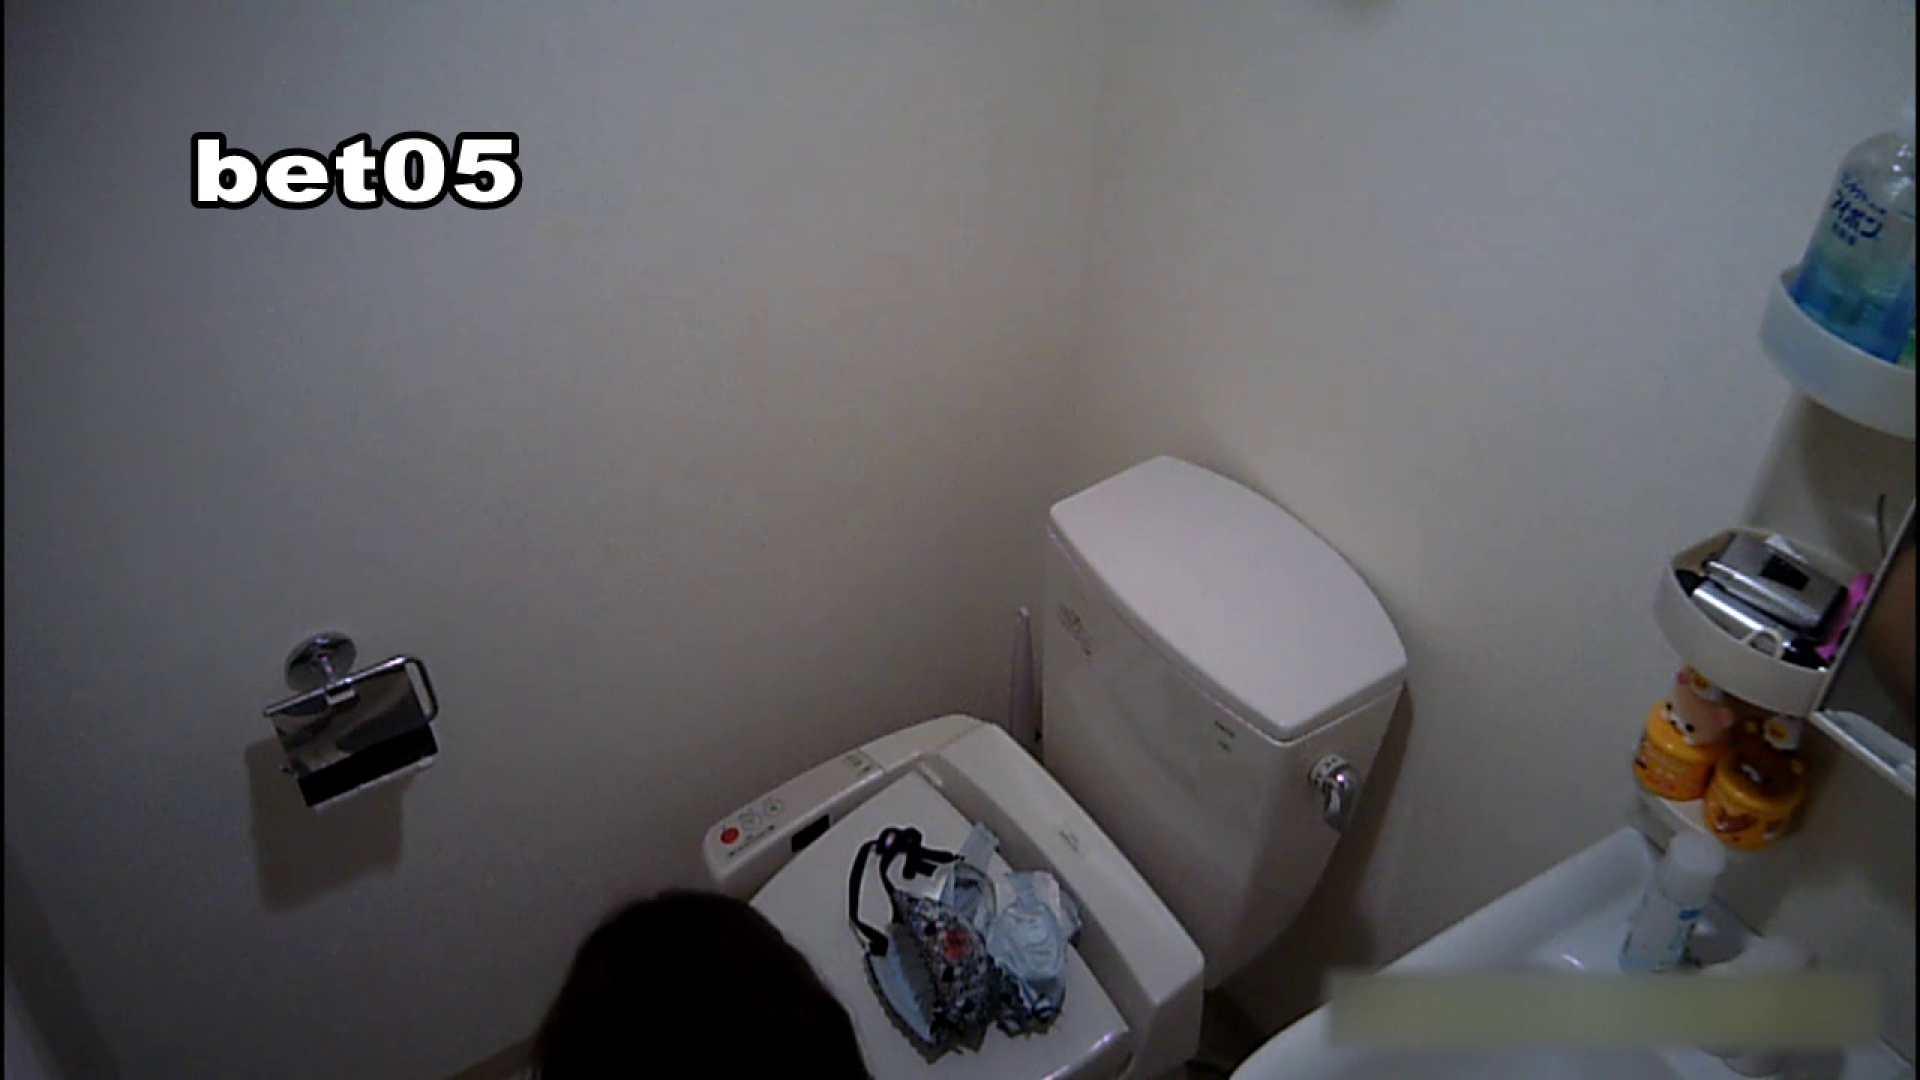 ミキ・大手旅行代理店勤務(24歳・仮名) vol.05 オマケで全裸洗面所も公開 リベンジ  100PIX 3